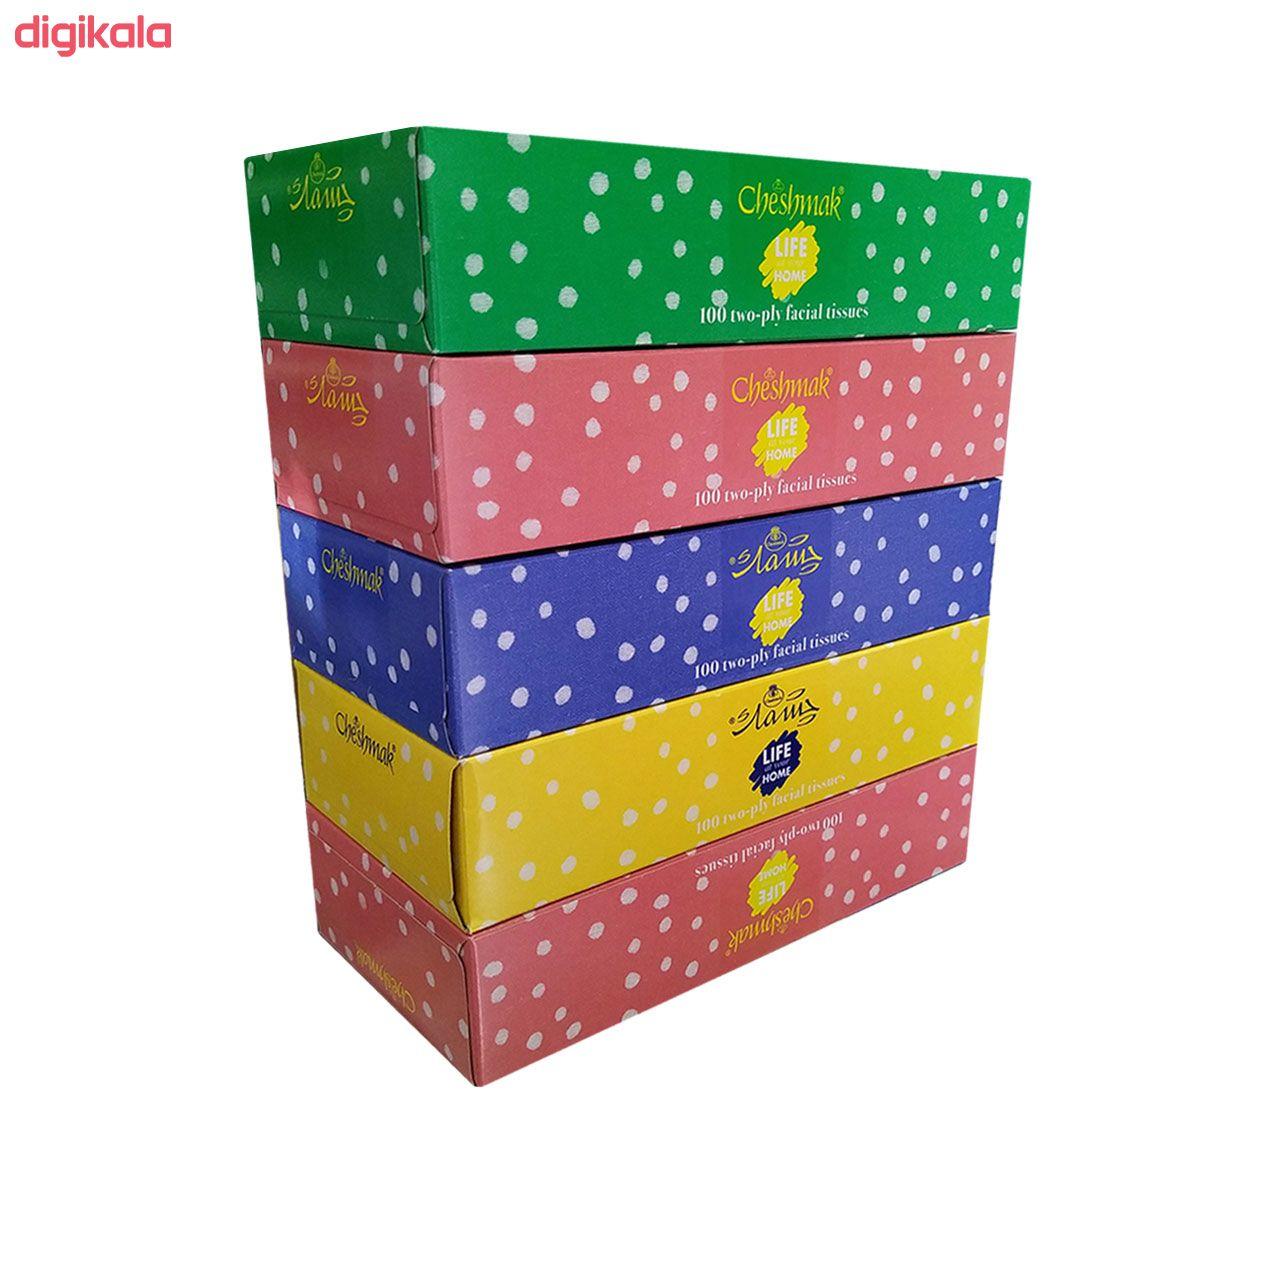 دستمال کاغذی 100 برگ چشمک مدل Spotted بسته 5 عددی main 1 3